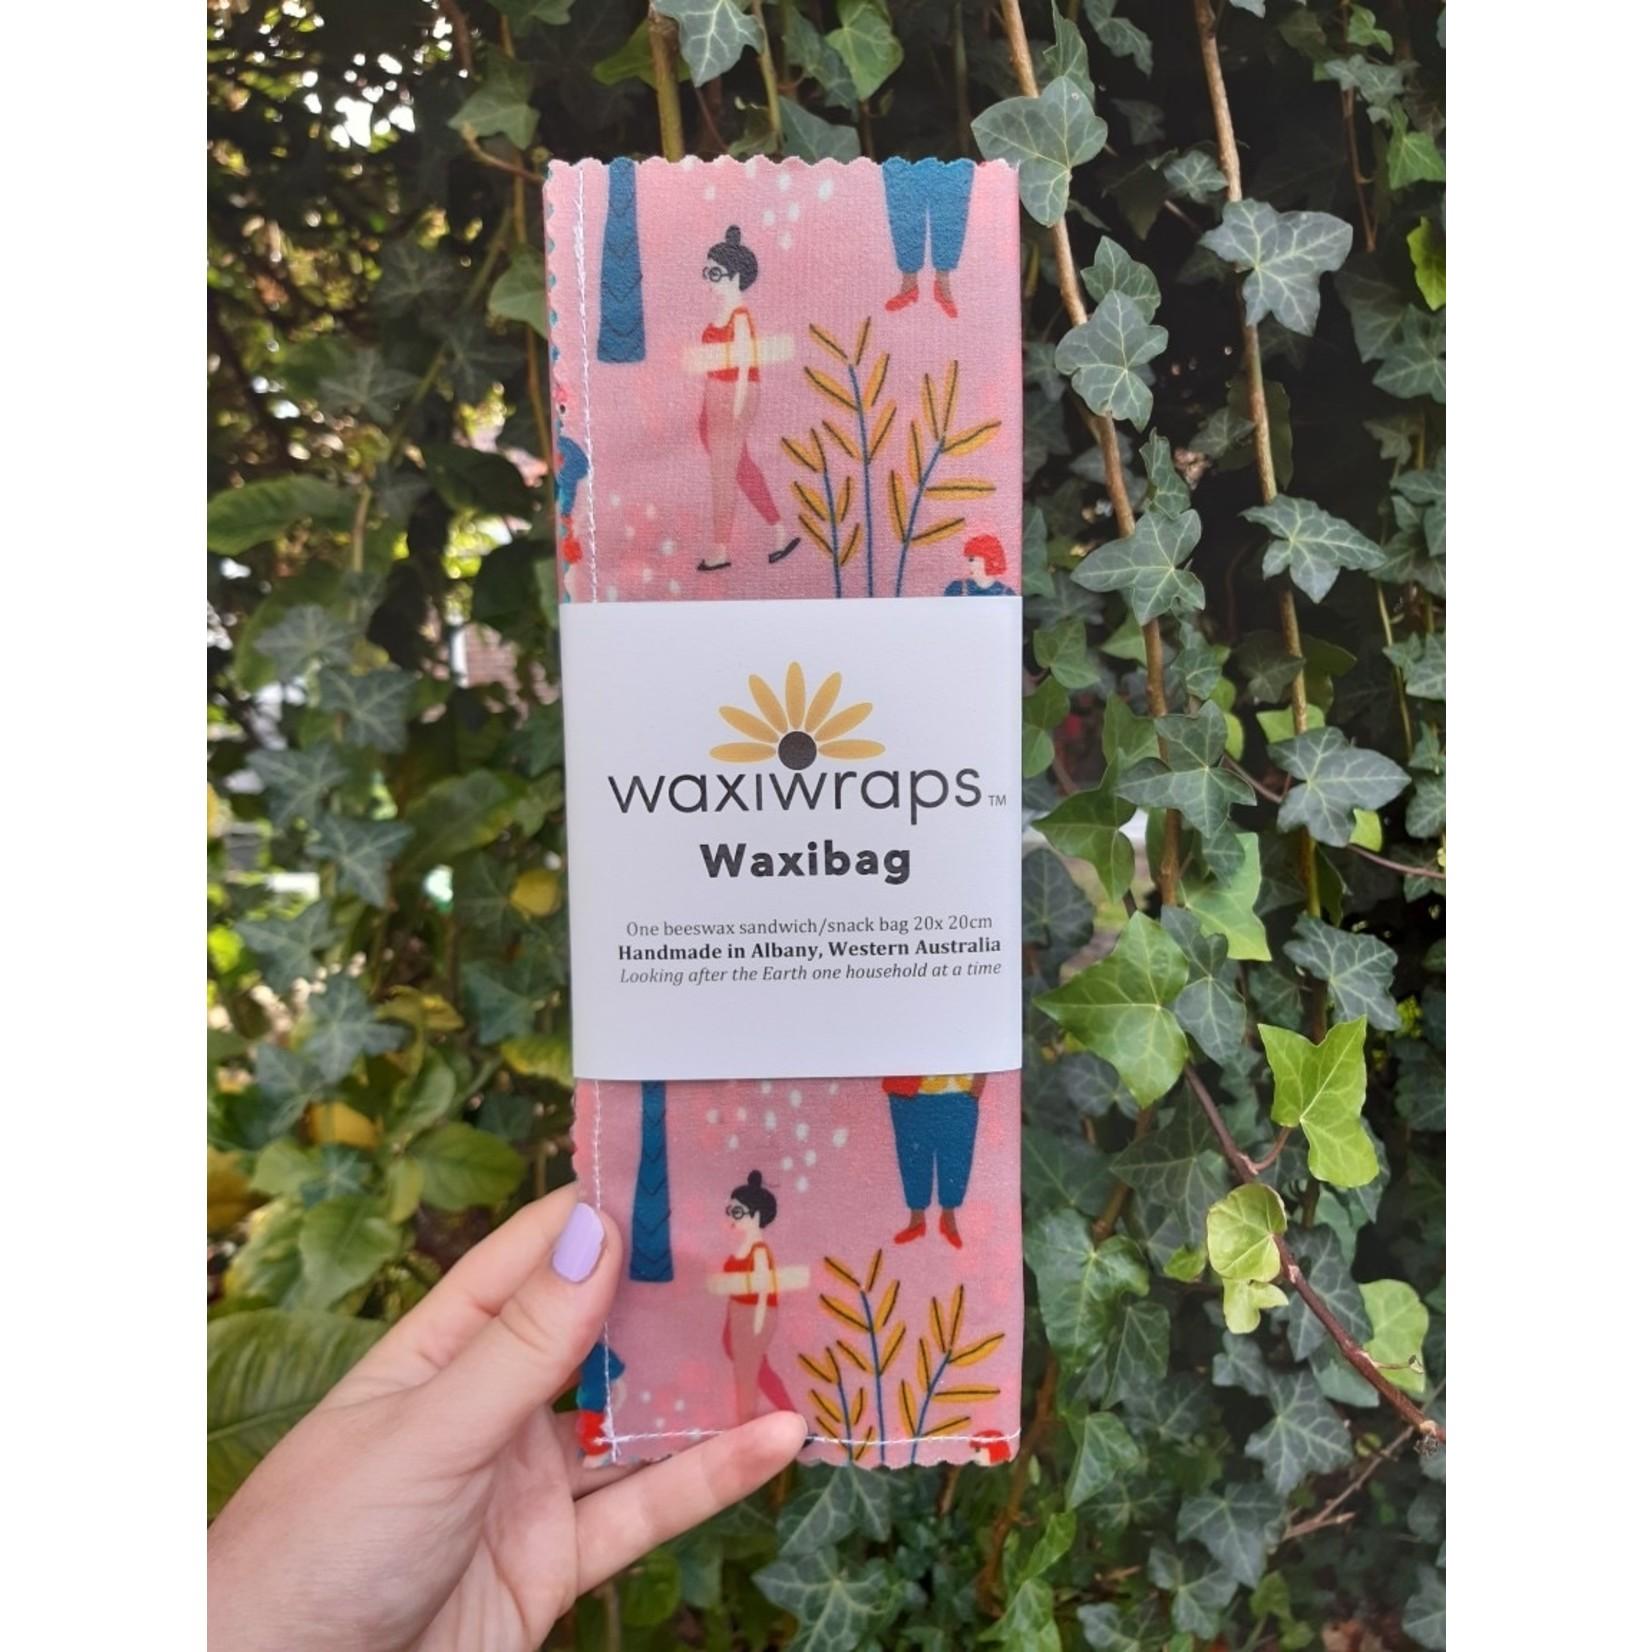 WaxiWraps Waxiwraps Waxibag